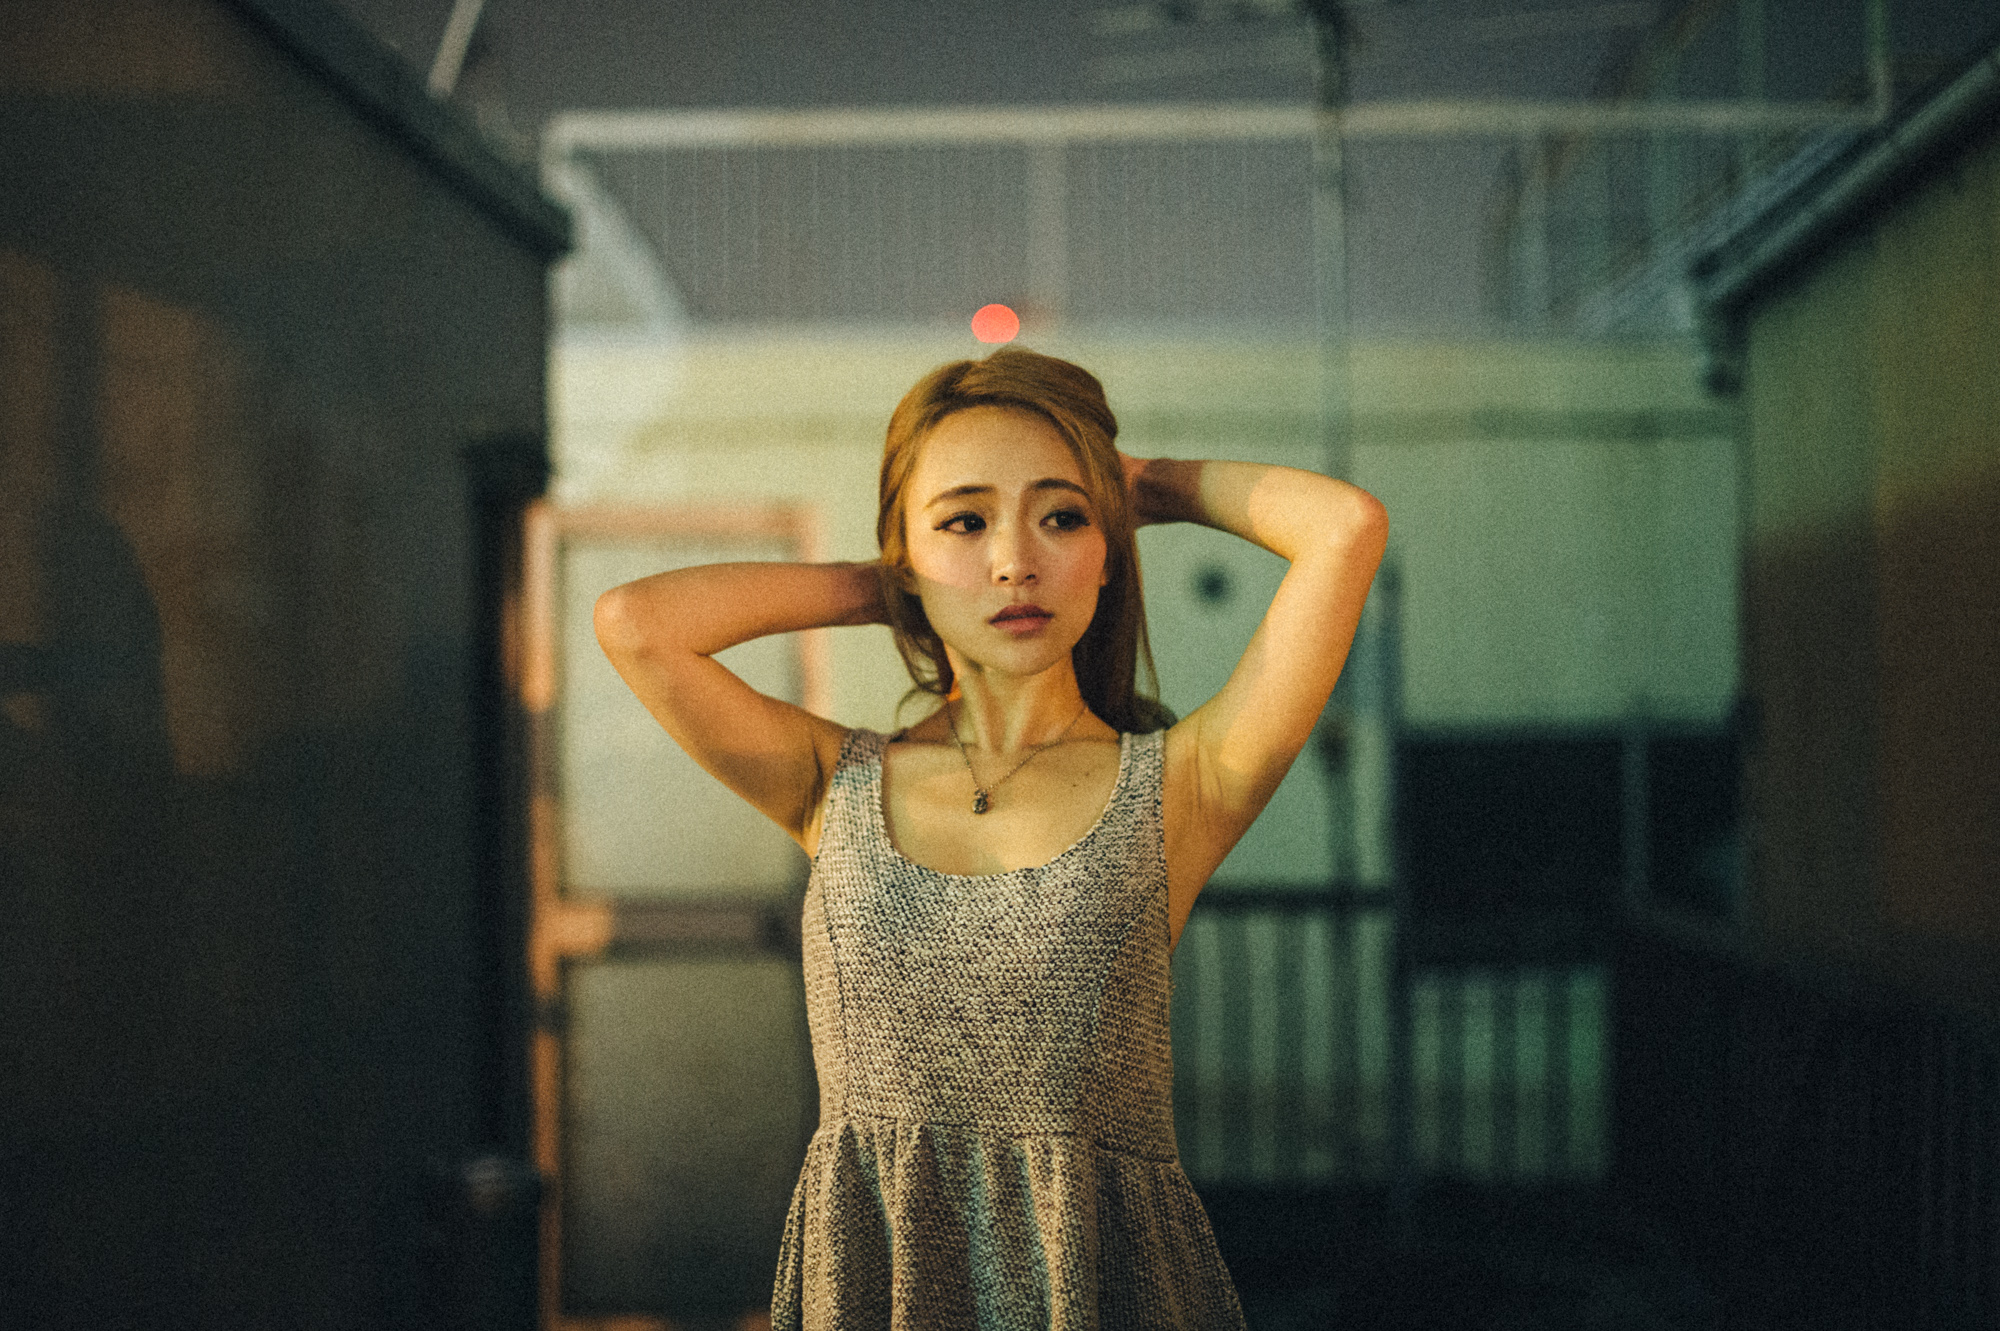 fashion model25